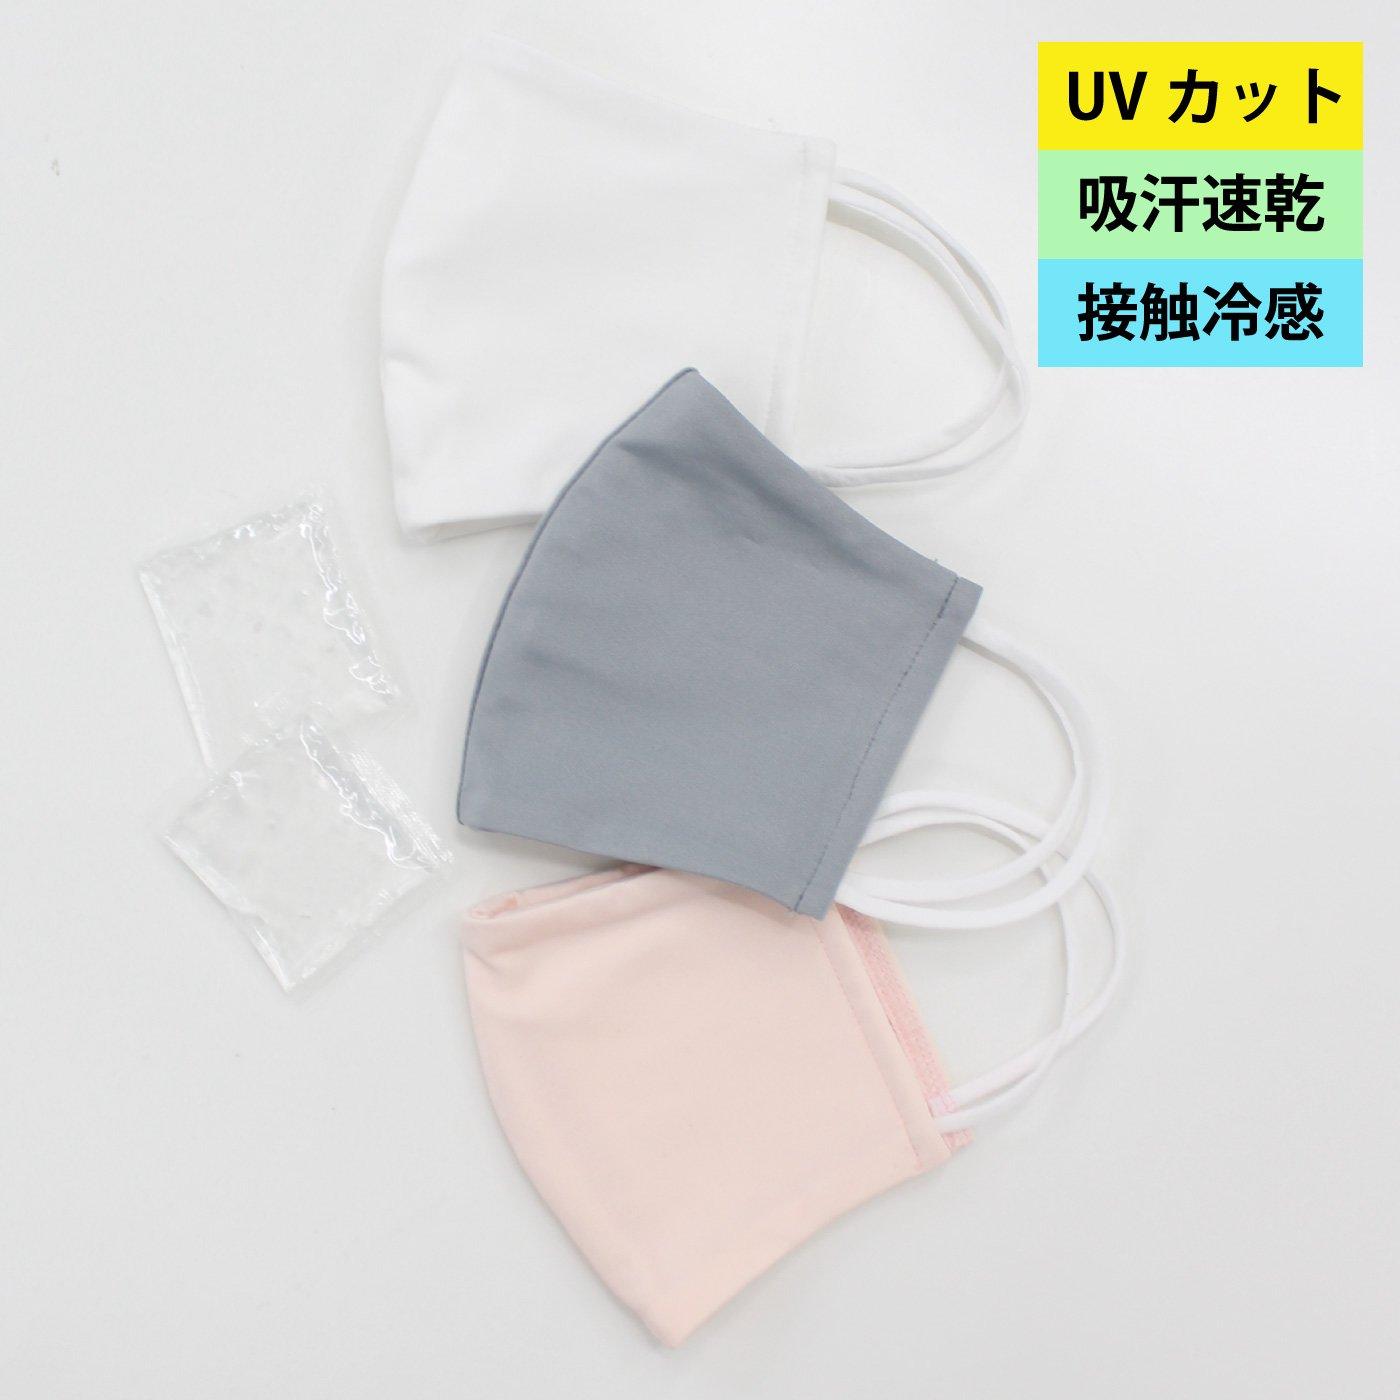 【WEB限定】IEDIT[イディット] UVケア&接触冷感&吸汗速乾がうれしい 冷却ジェル付き立体布マスク